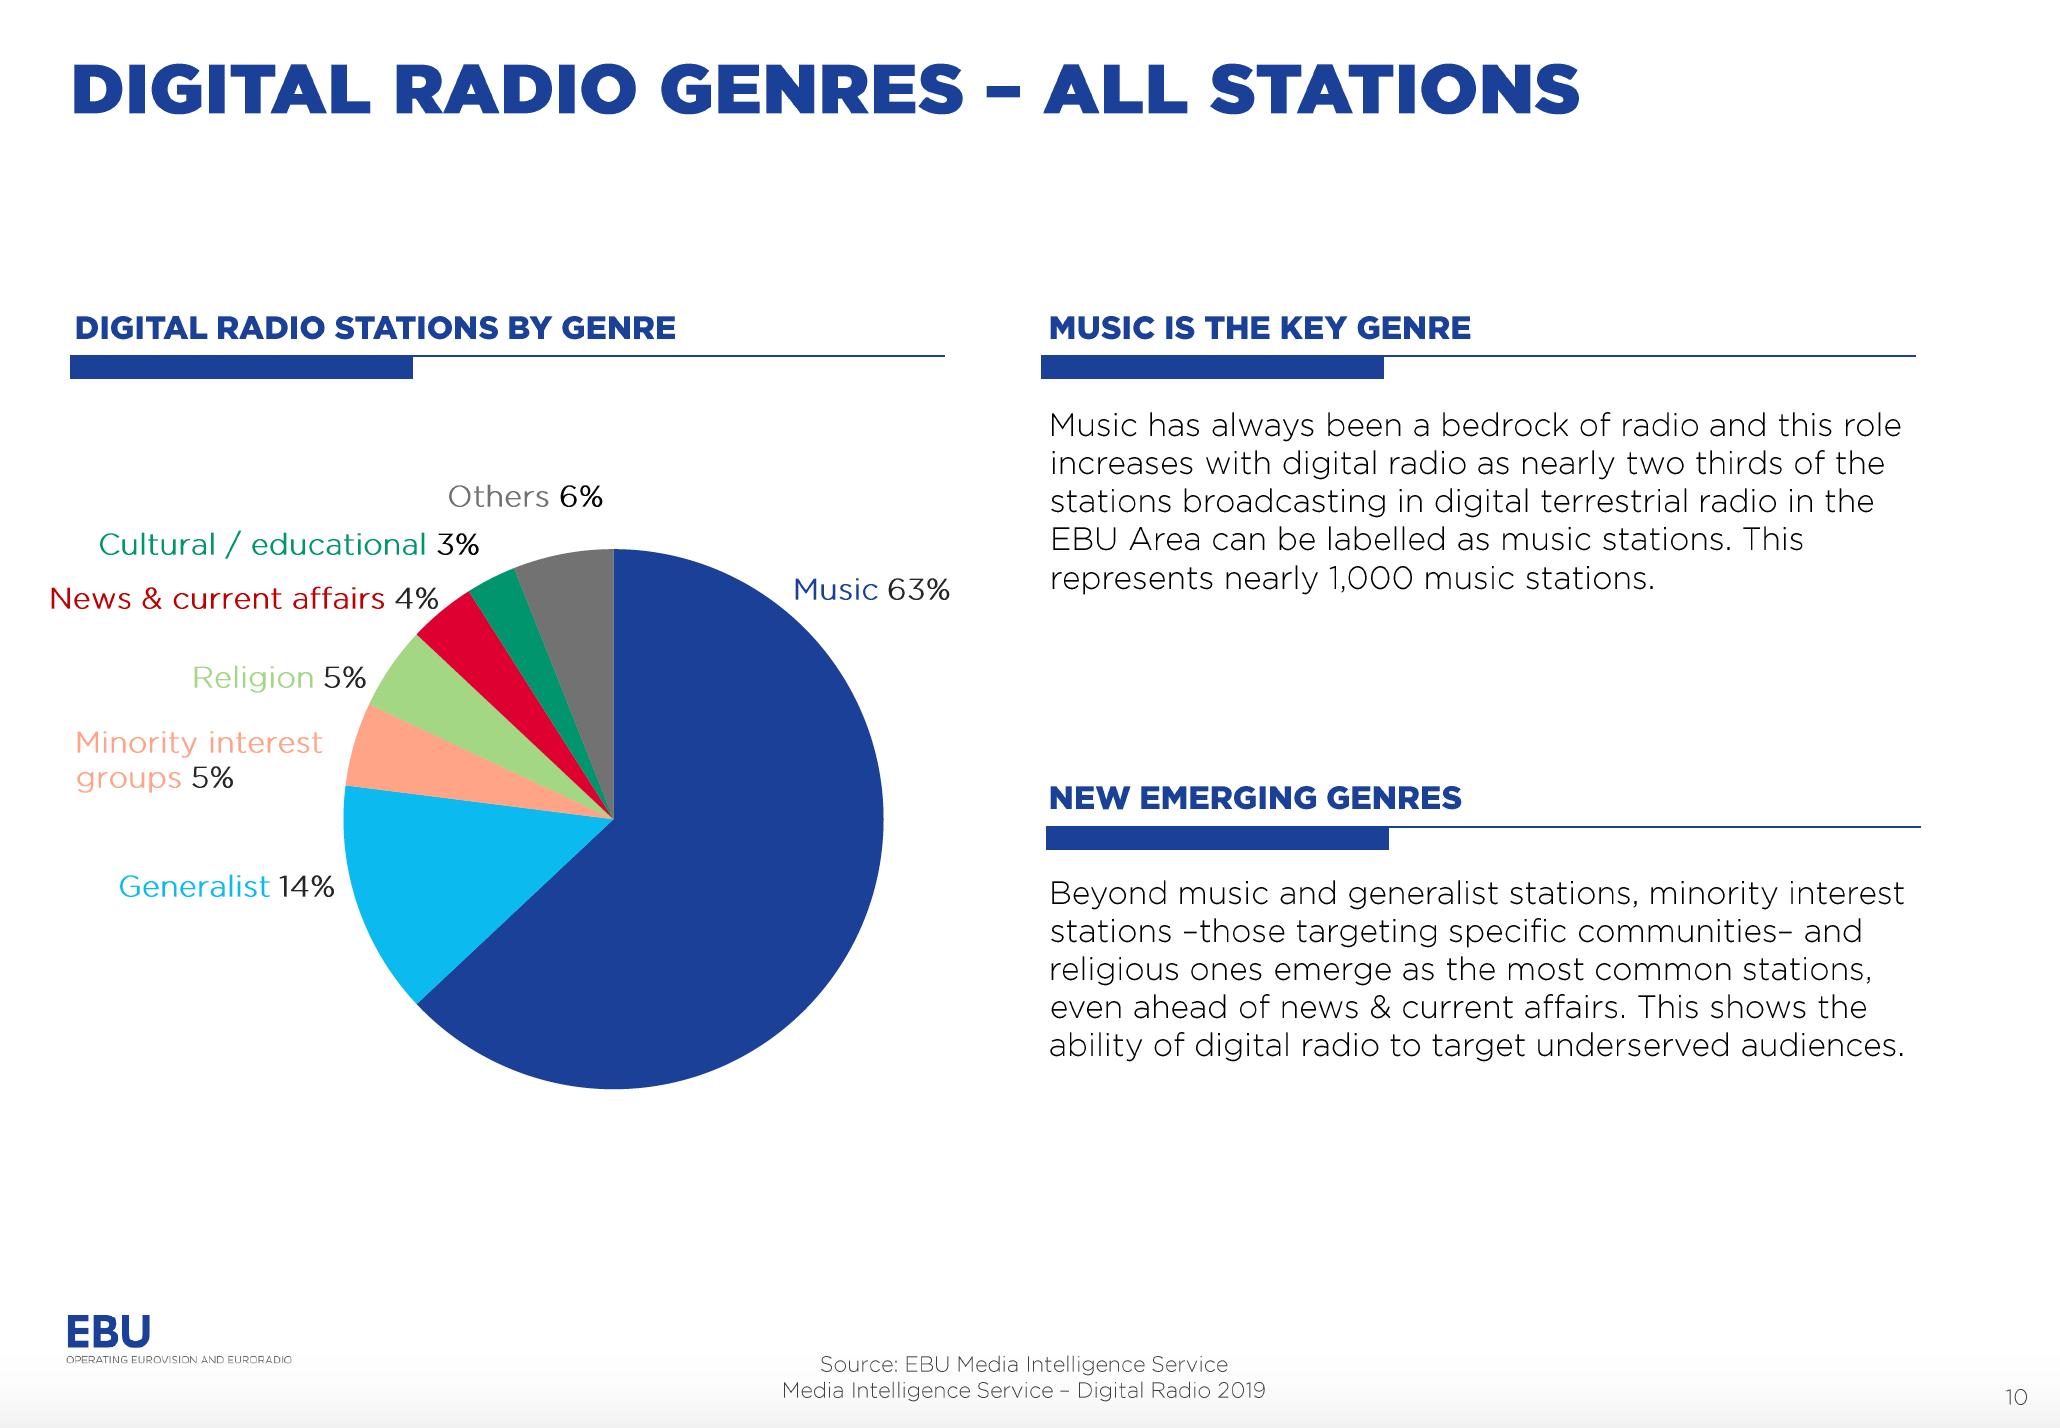 Début 2019, 1 566 radios émettent en DAB+ en Europe